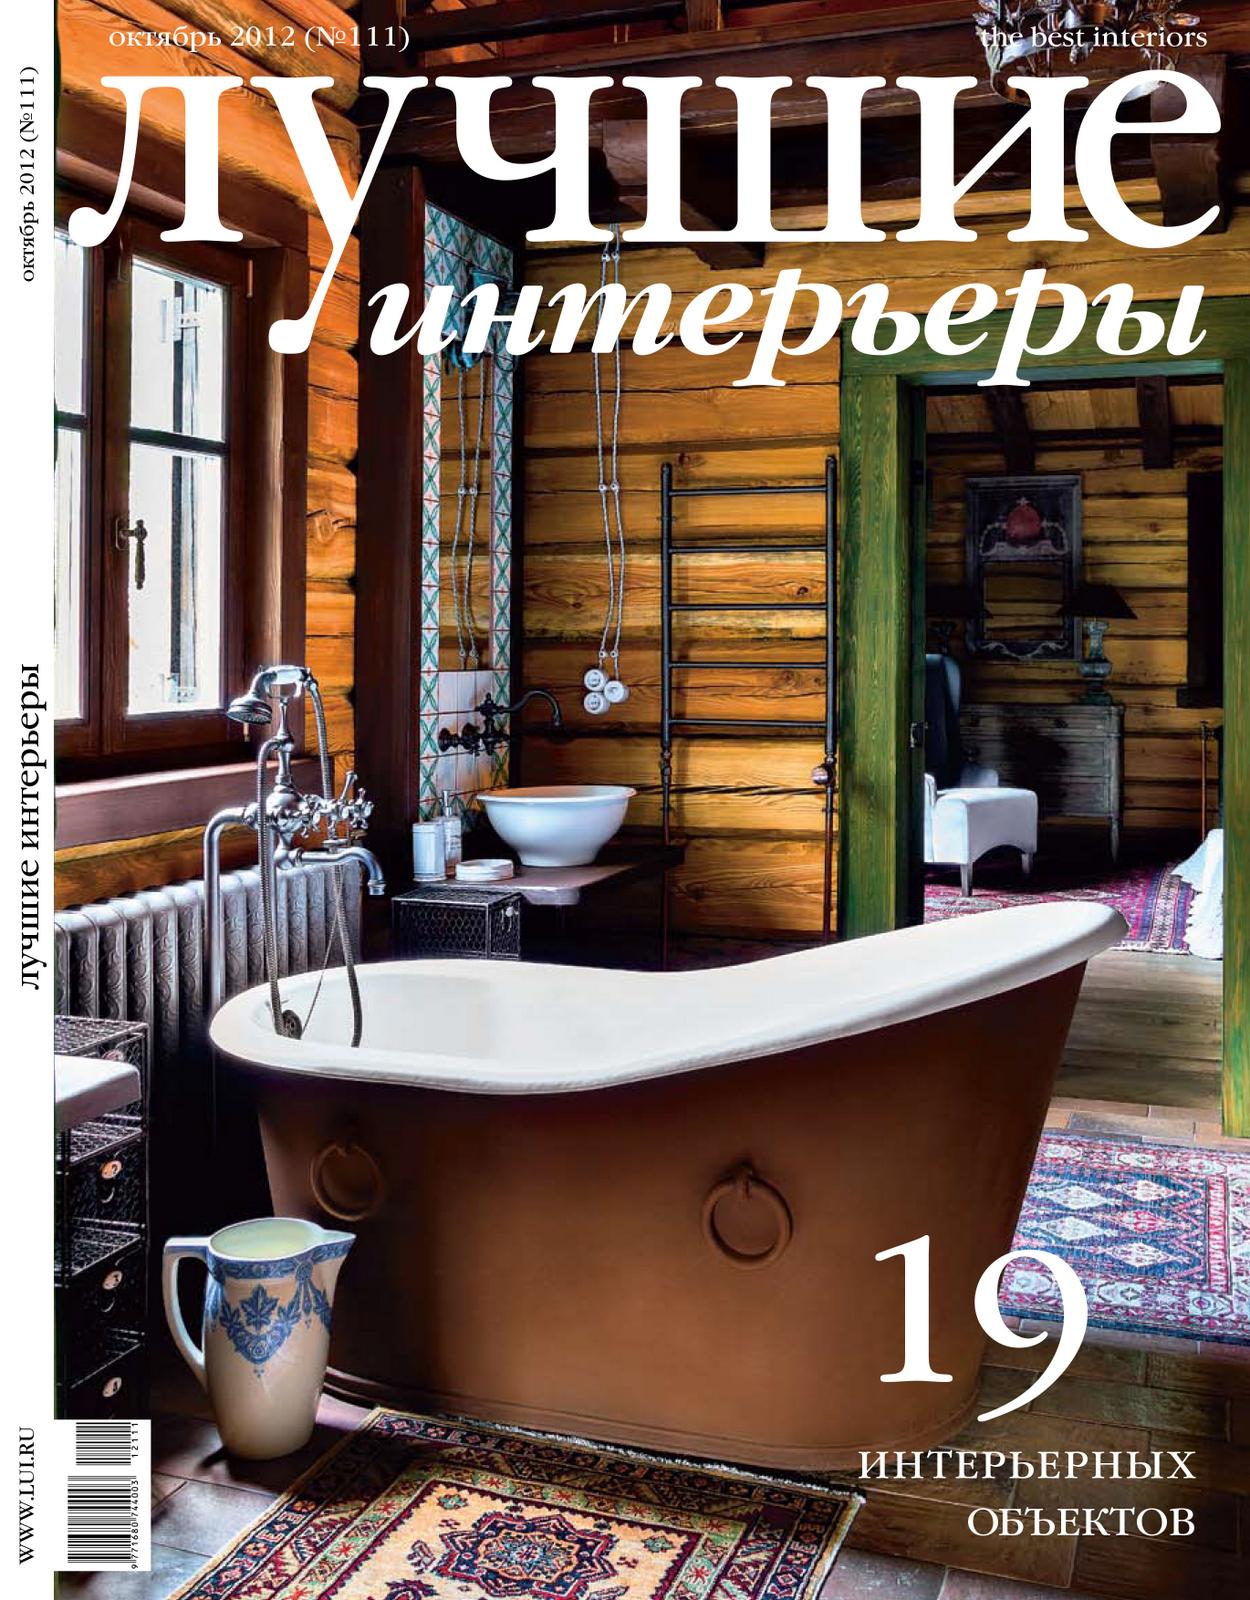 N°111 | Best Interiors